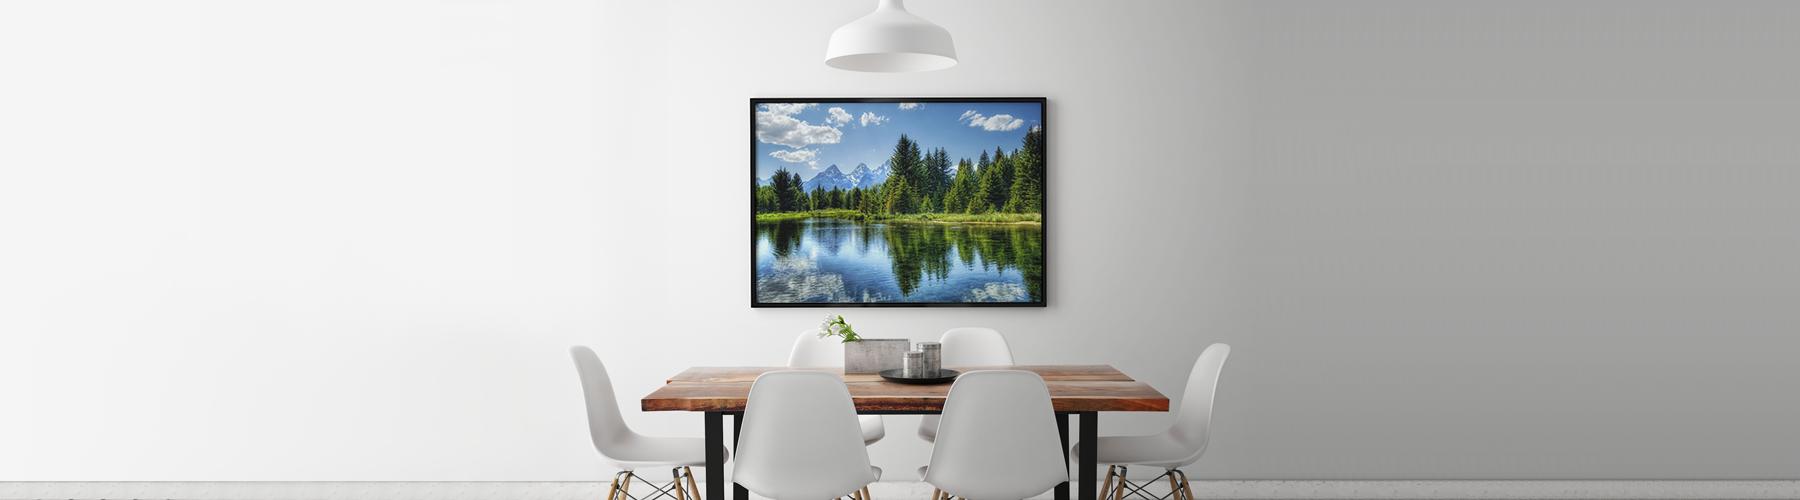 Come stampare una foto o una grafica su tela Canvas